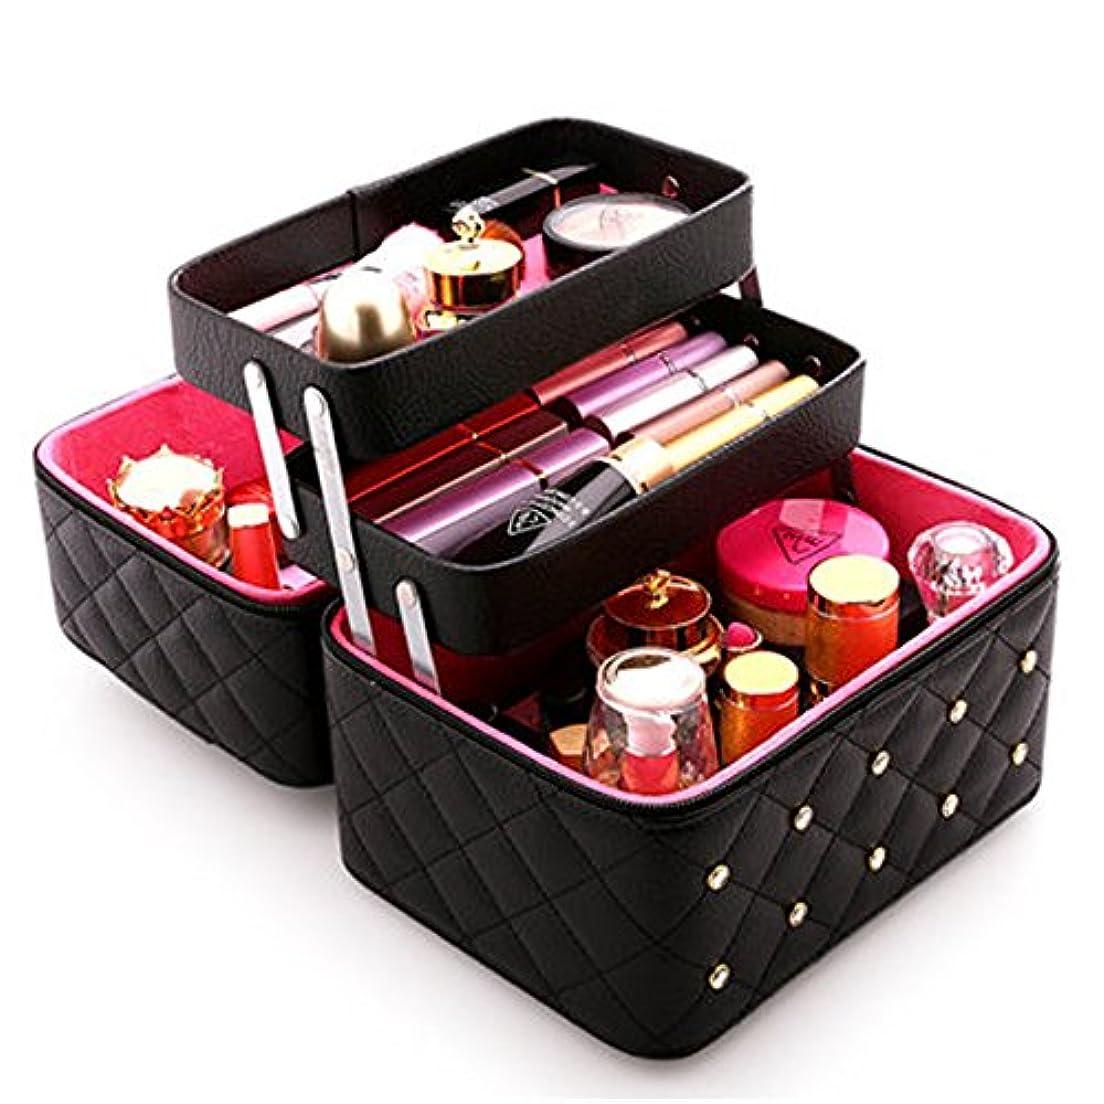 品揃えいろいろ大陸FYX メイクボックス コスメボックス 大容量 化粧品収納ボックス 収納ケース 小物入れ 大容量 取っ手付 (ブラック)